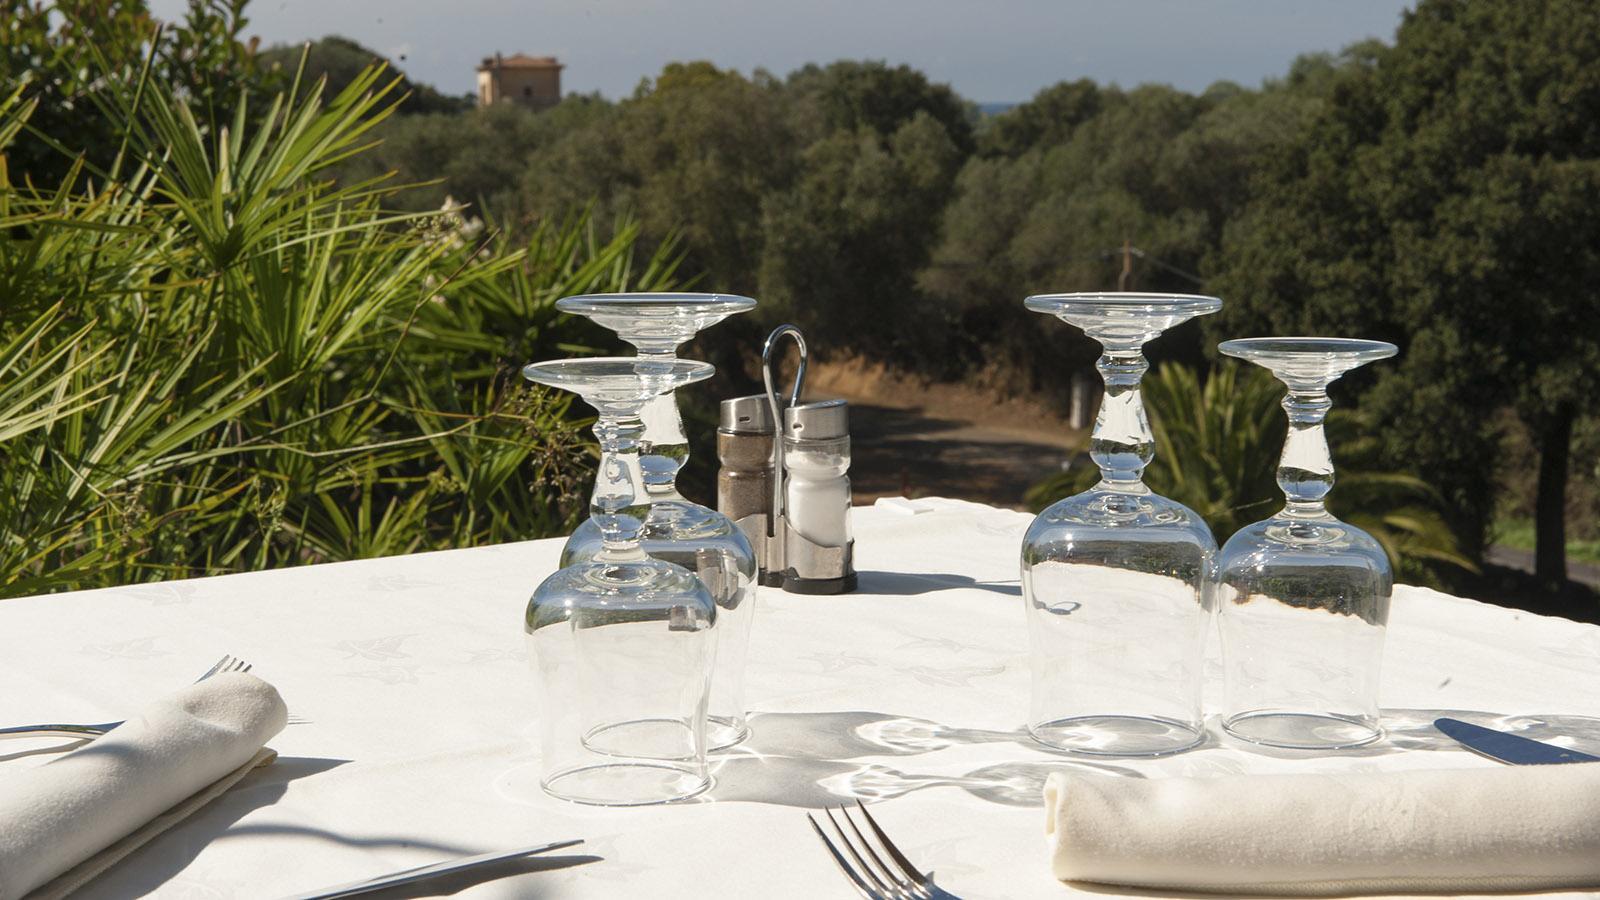 Der Tisch ist gedeckt in der Korsi der Auberge San Ghjuvani im Baracci-Tal. Foto: Hilke Maunder